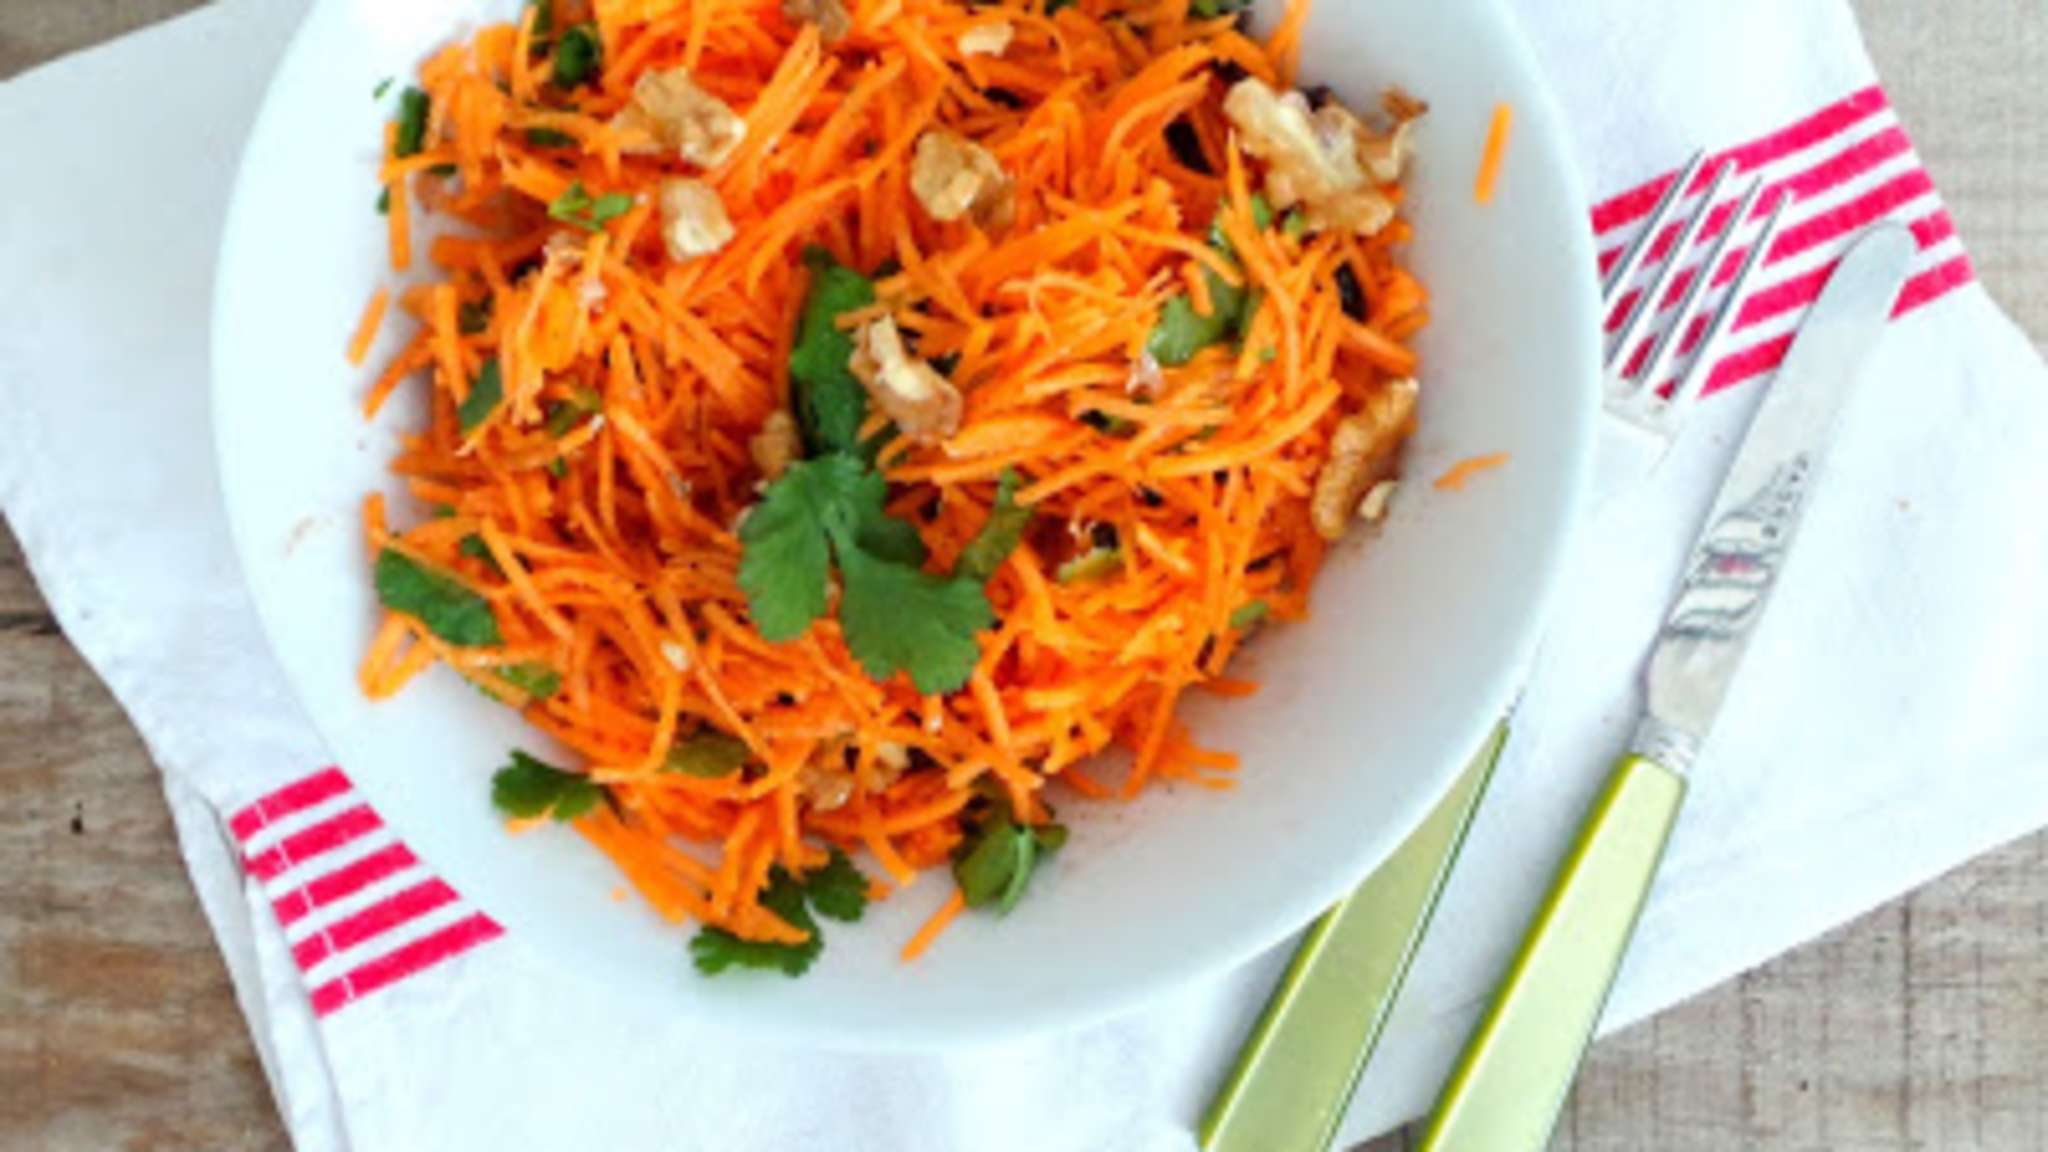 Salade de carottes, noix, raisins secs et cannelle